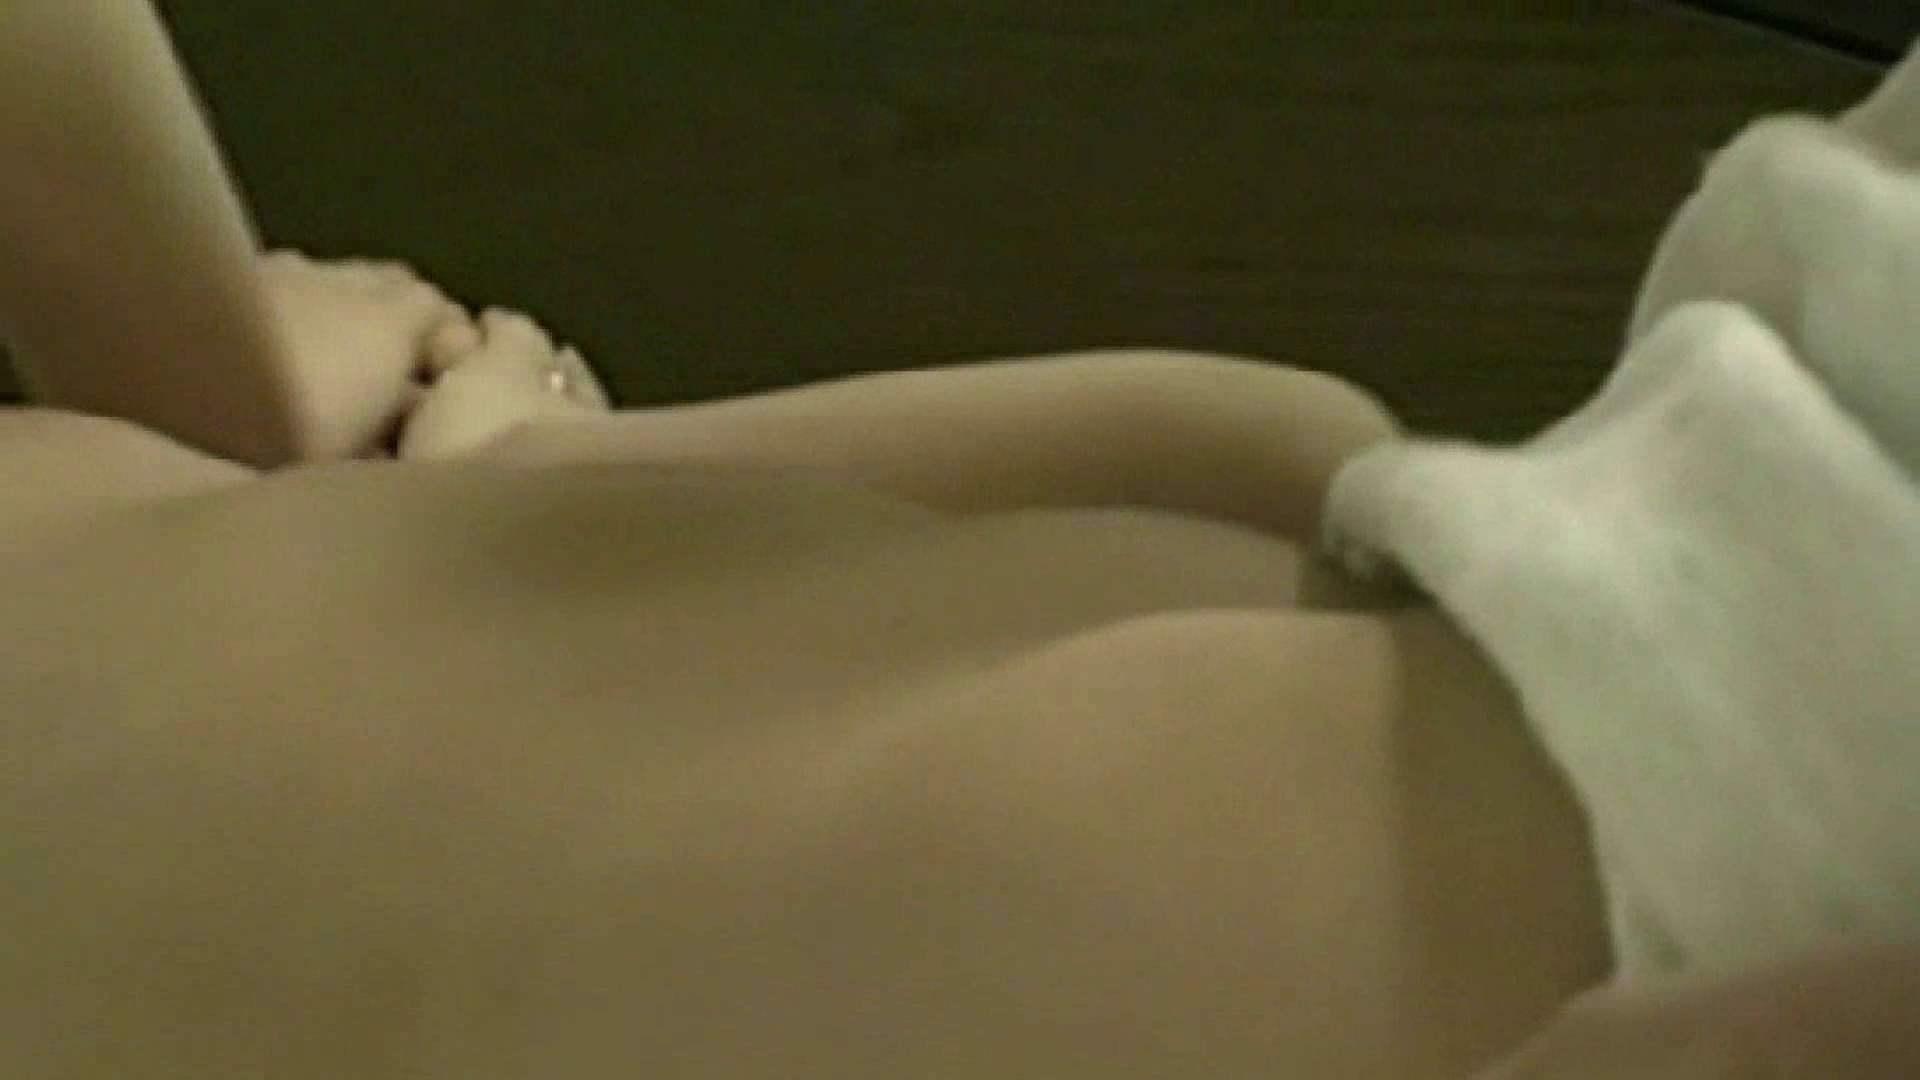 最愛の妻 TAKAKO 愛のSEX Vol.01 OL  31連発 9